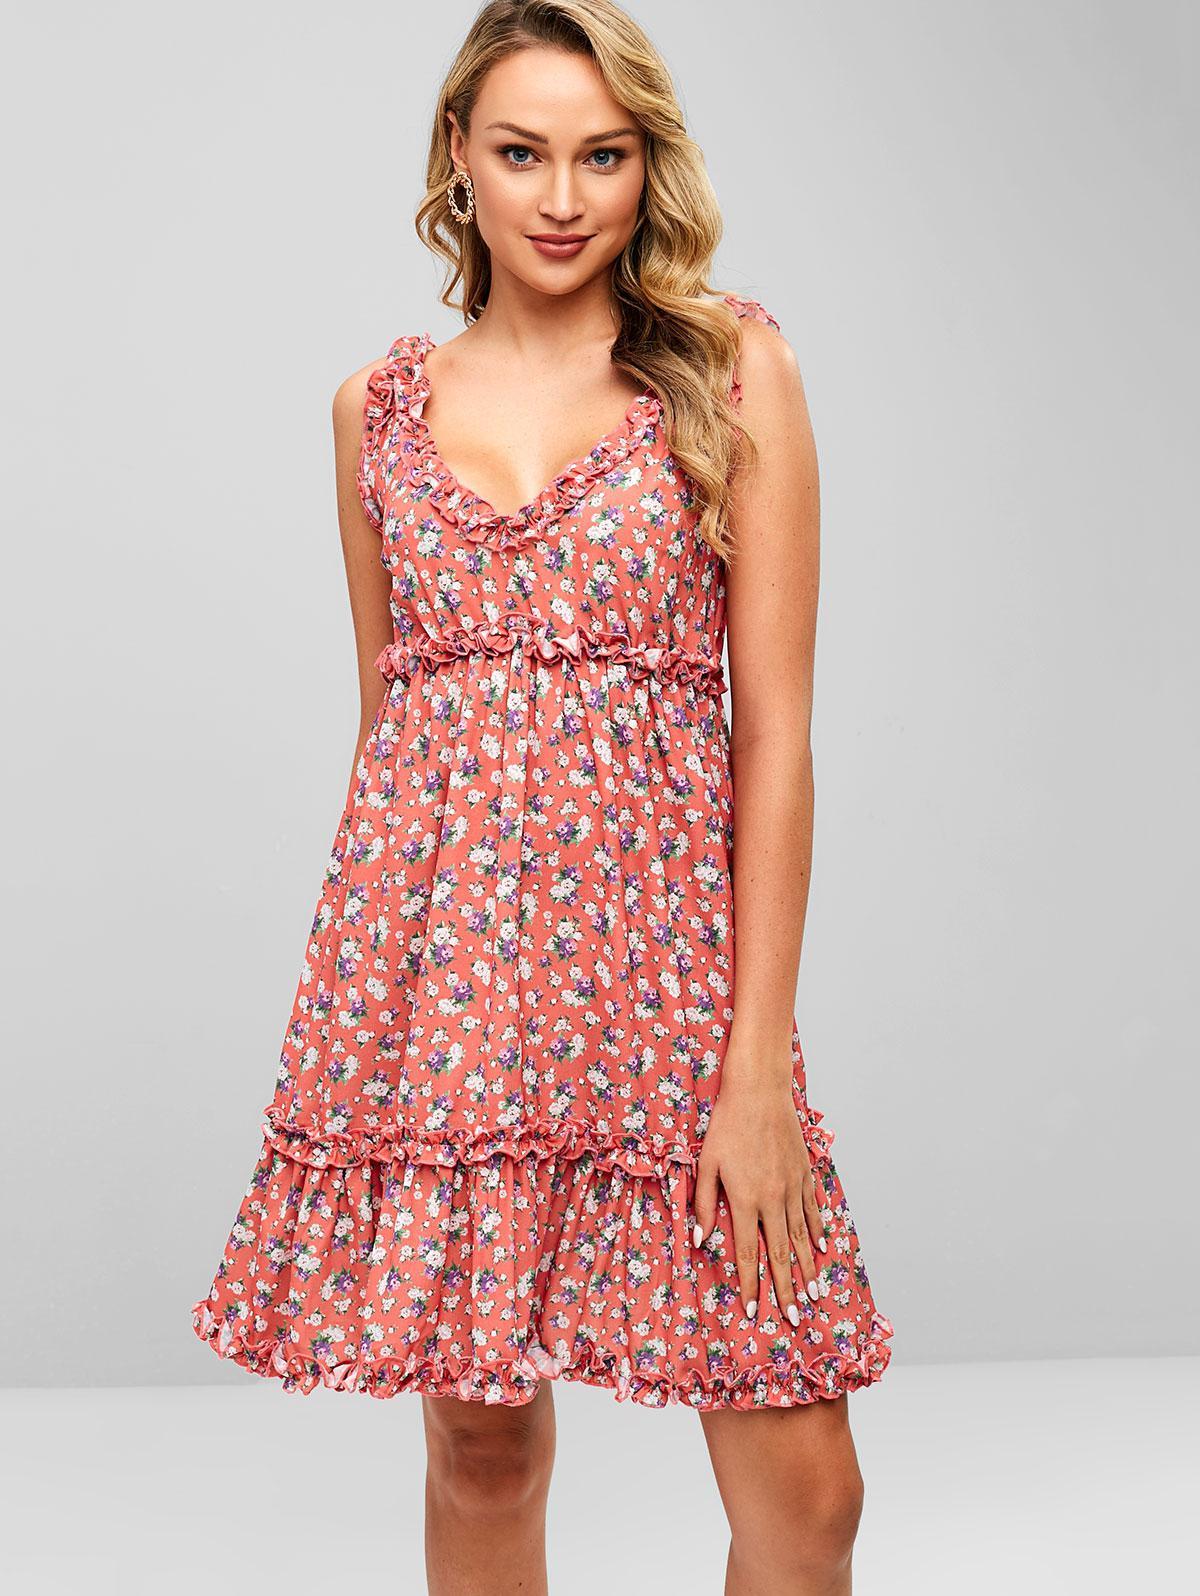 ZAFUL Ruffles Floral A Line Dress, Bean red